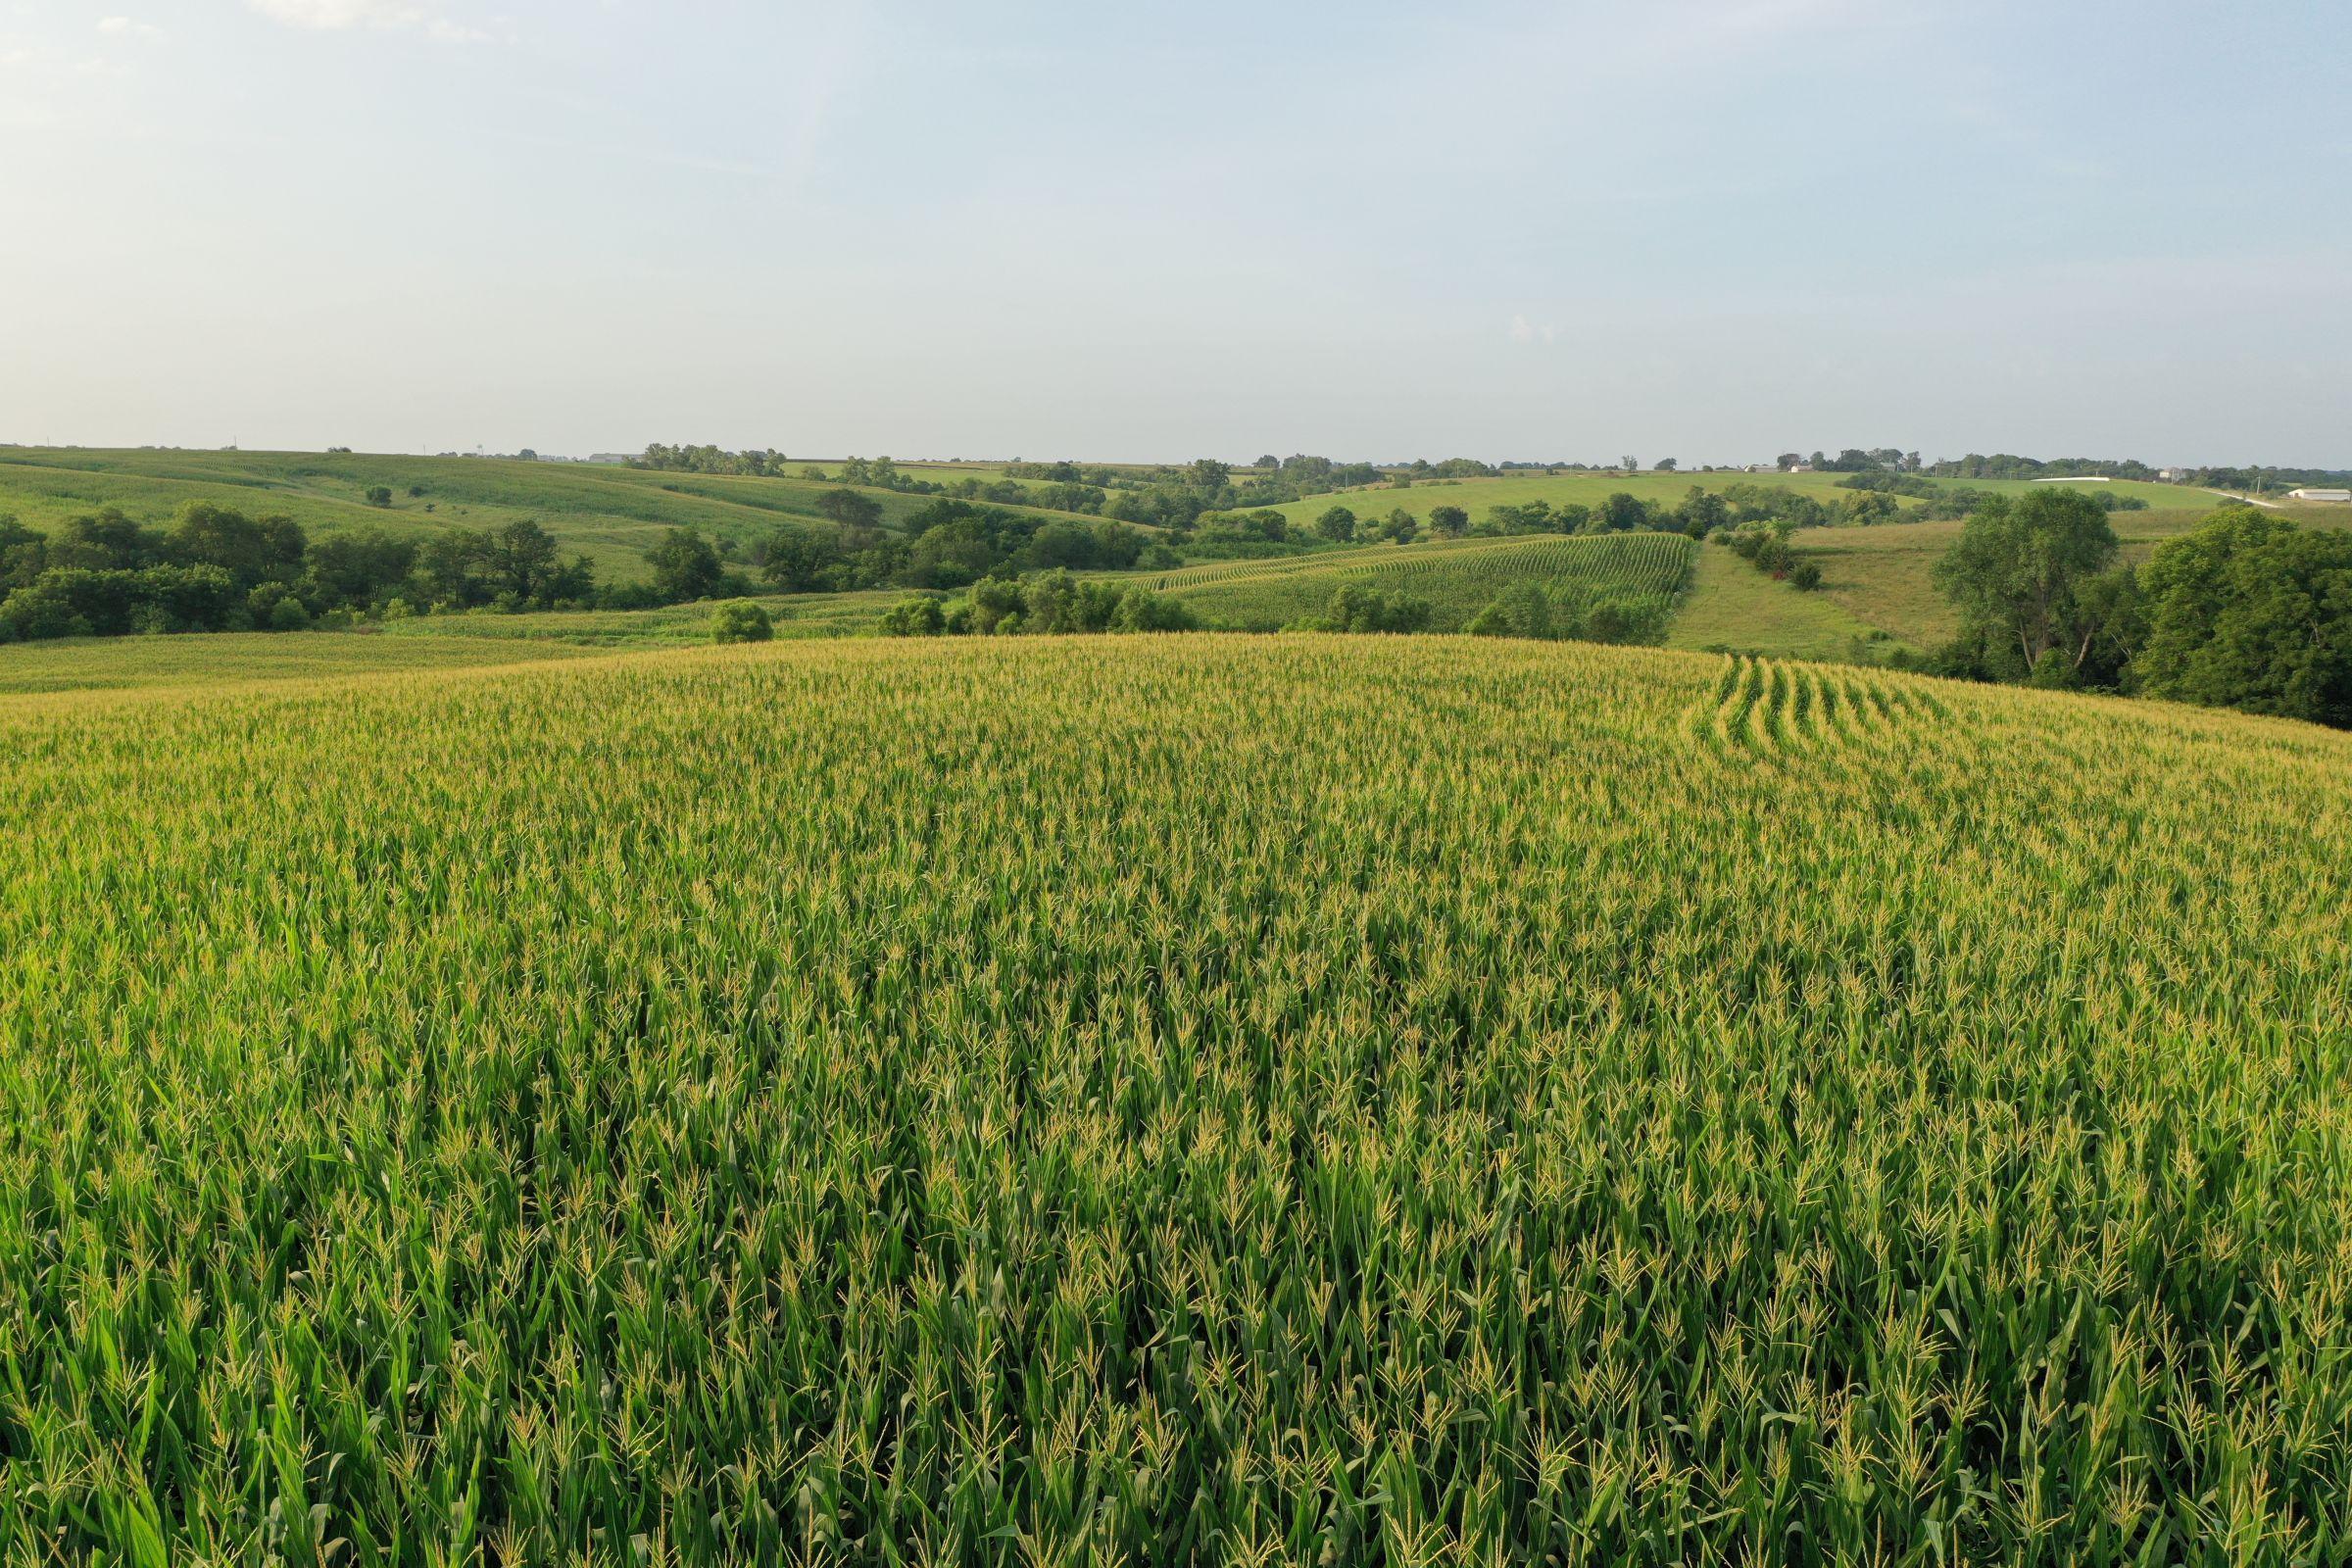 Clarke County Iowa Farmland For Sale